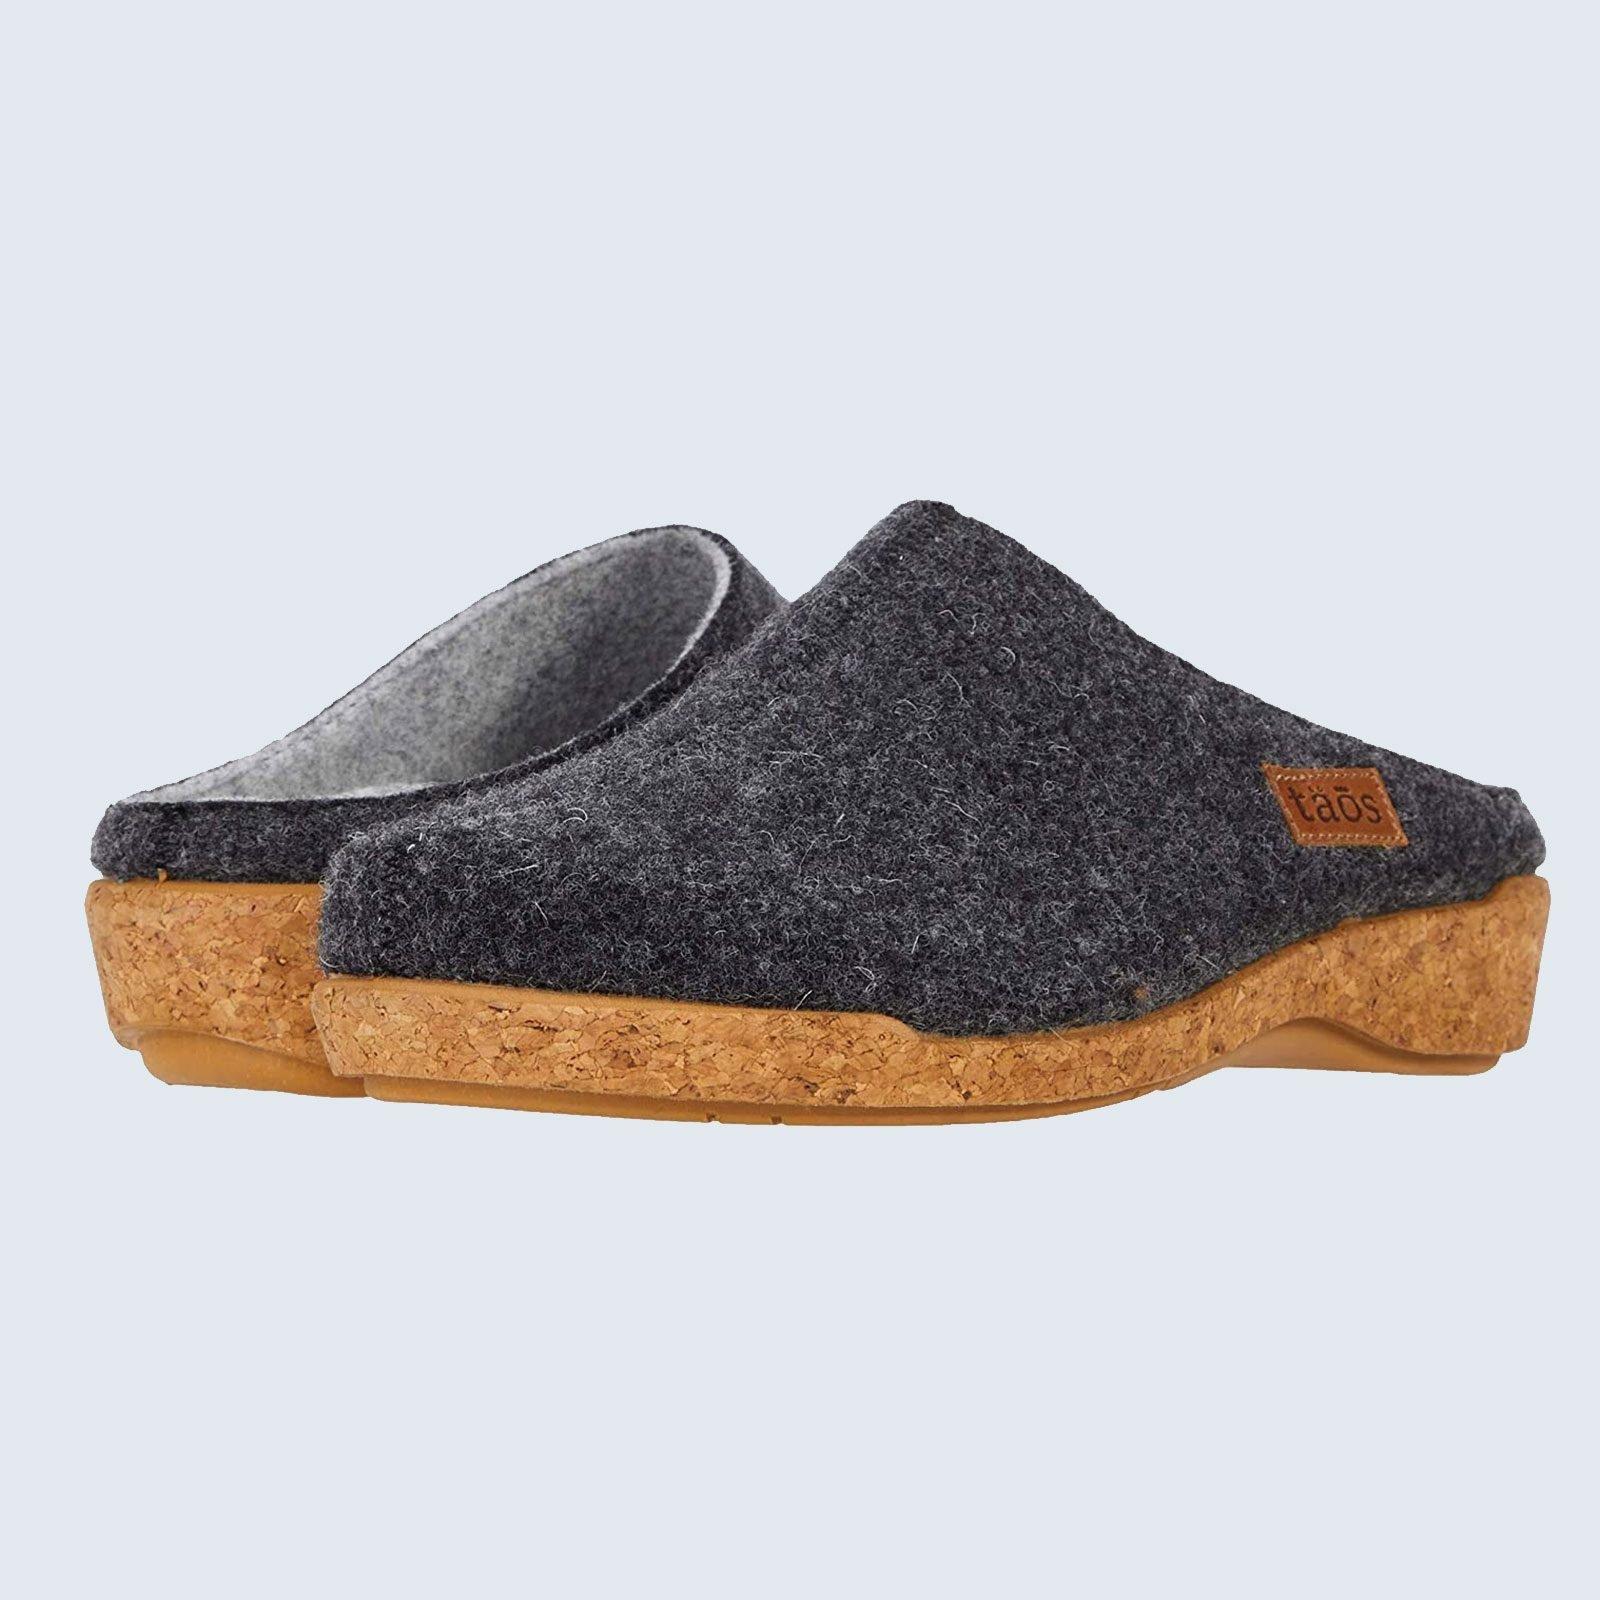 Trendiest slippers: Taos Footwear Woollery